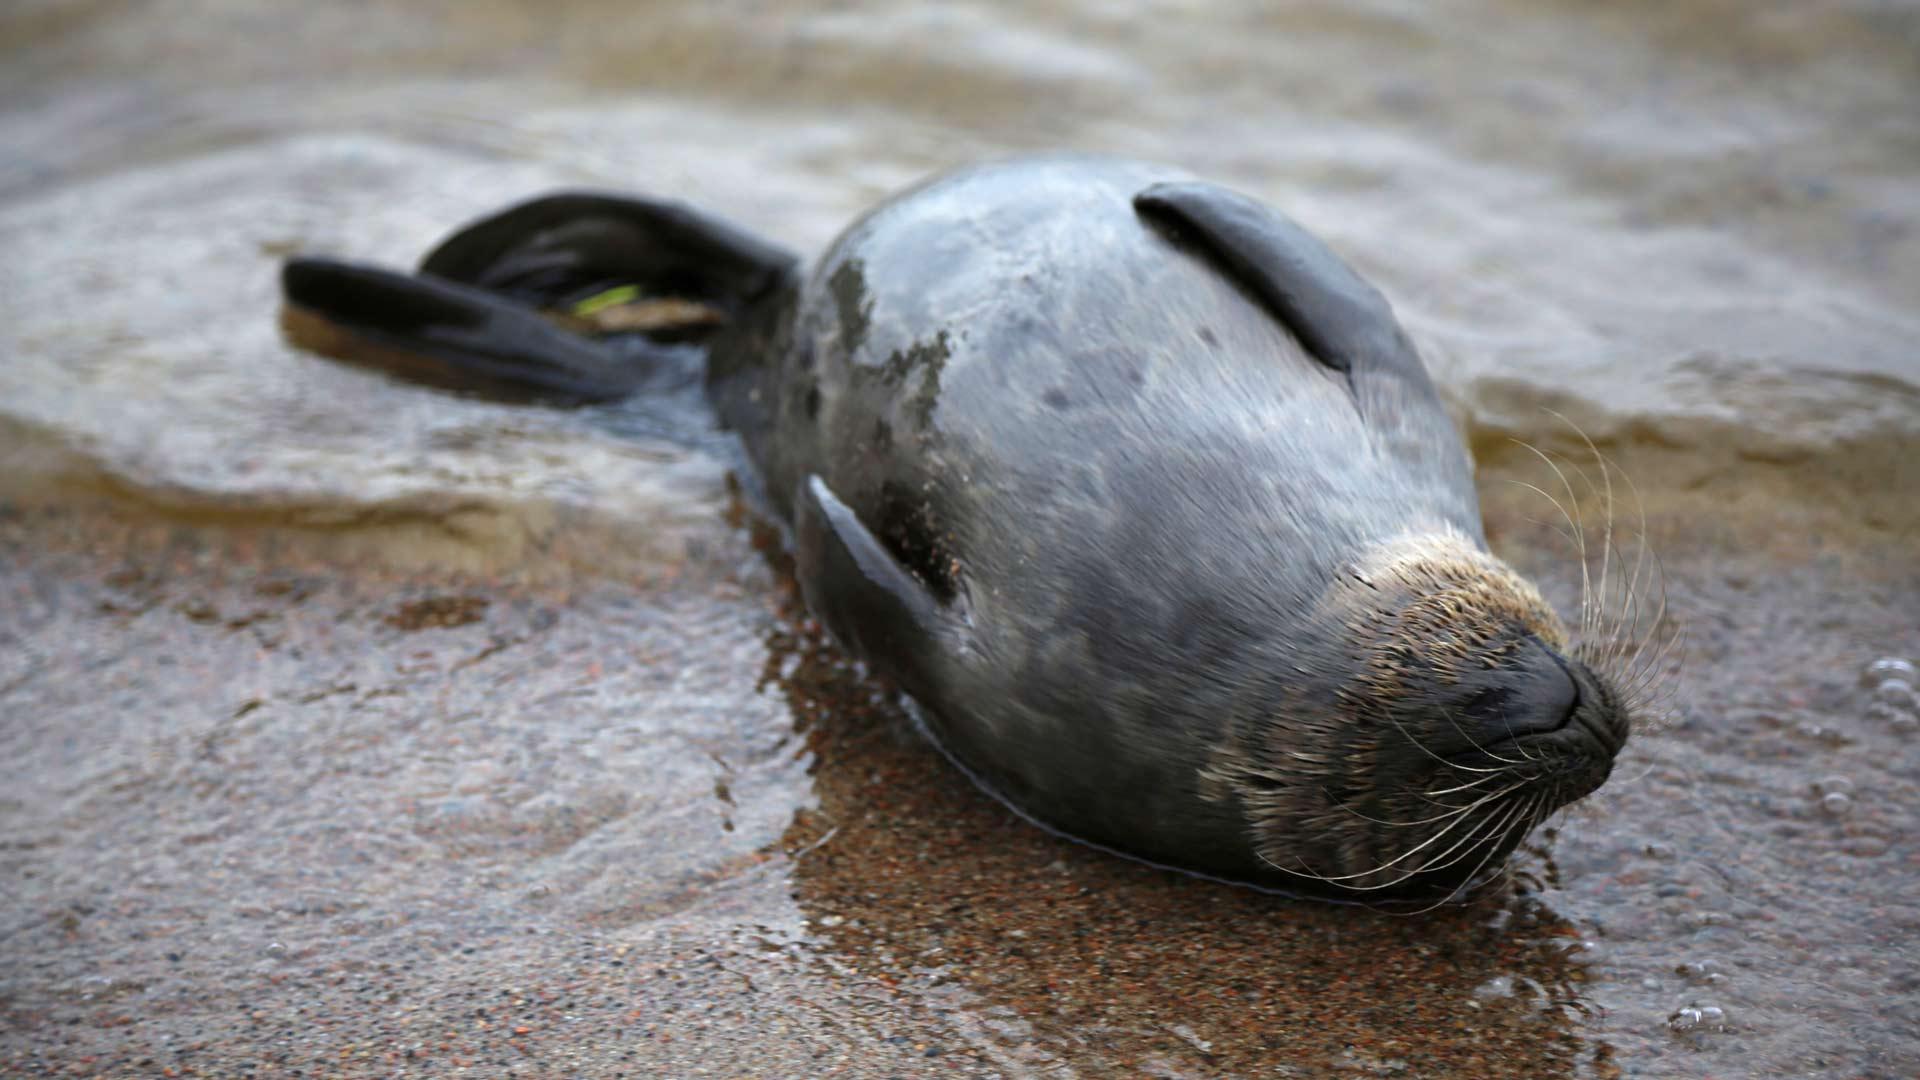 Sanelma tapasi nukkua rantavedessä selällään, pää mökin ja pyrstö järven suuntaan, ja heräsi, kun Pekka Sarkanen huuteli sille.